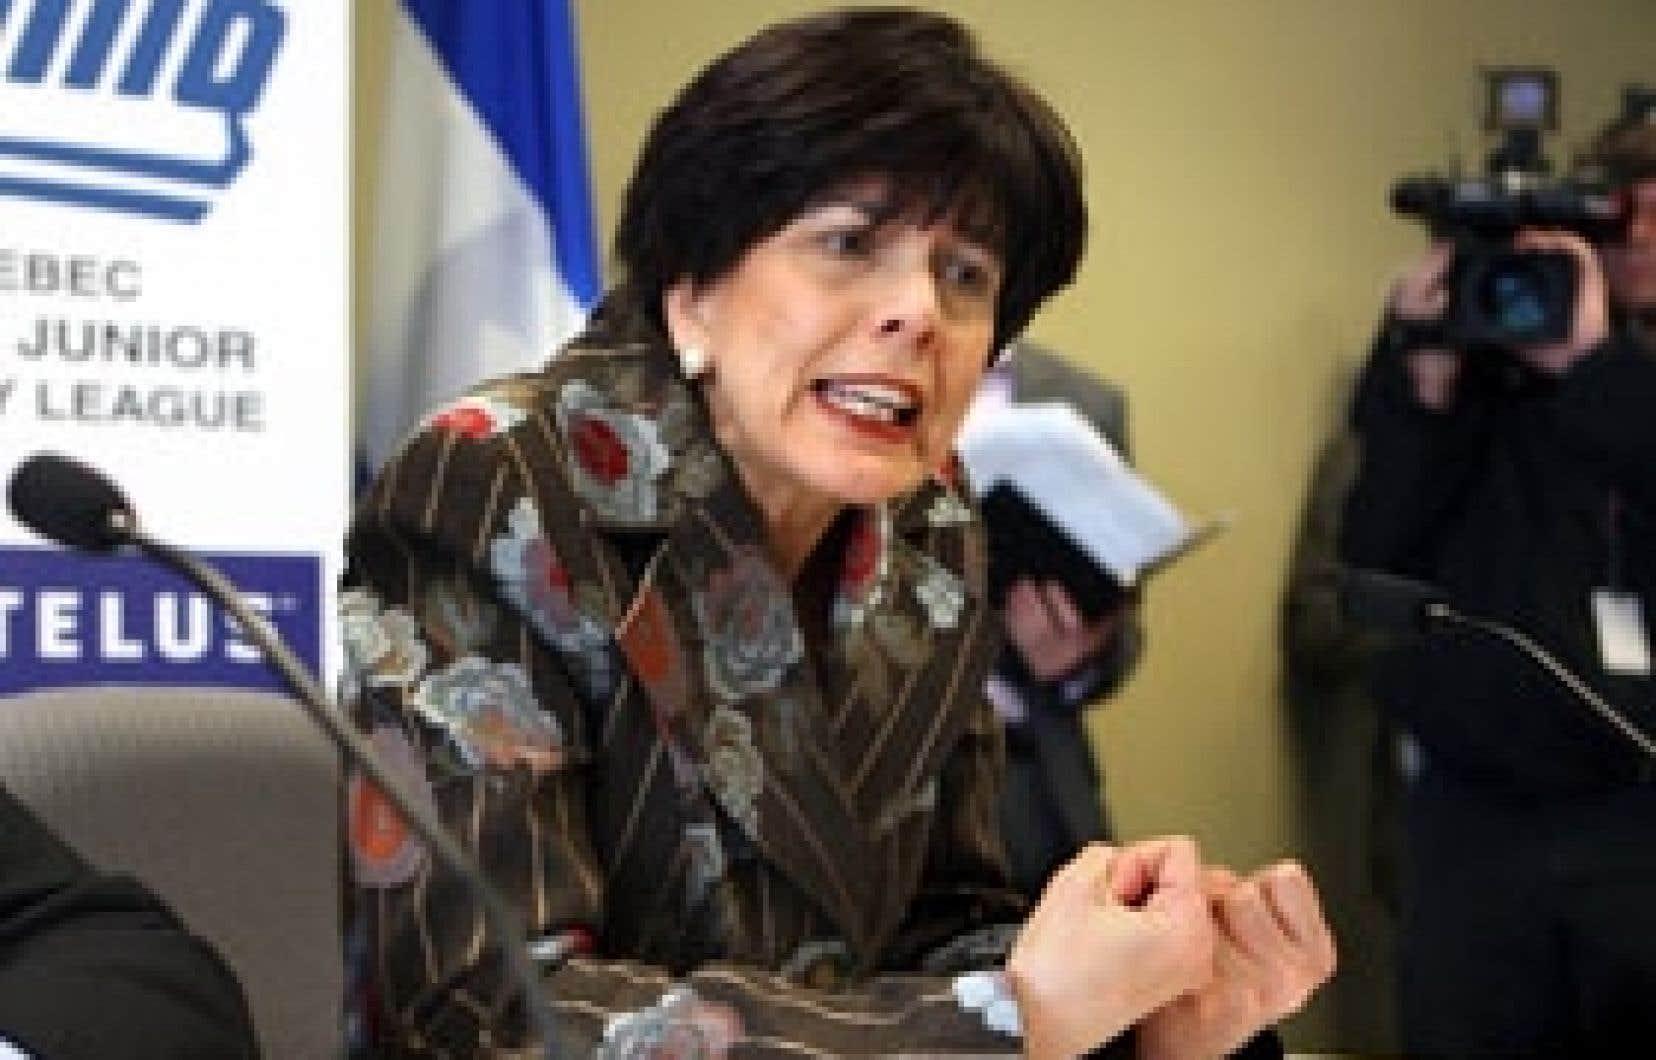 La ministre de l'Éducation, du Loisir et du Sport, Michelle Courchesne, est intervenue une fois de plus auprès des dirigeants de la Ligue de hockey junior majeur du Québec pour qu'ils adoptent un plan d'action rigoureux qui mettra un terme aux b